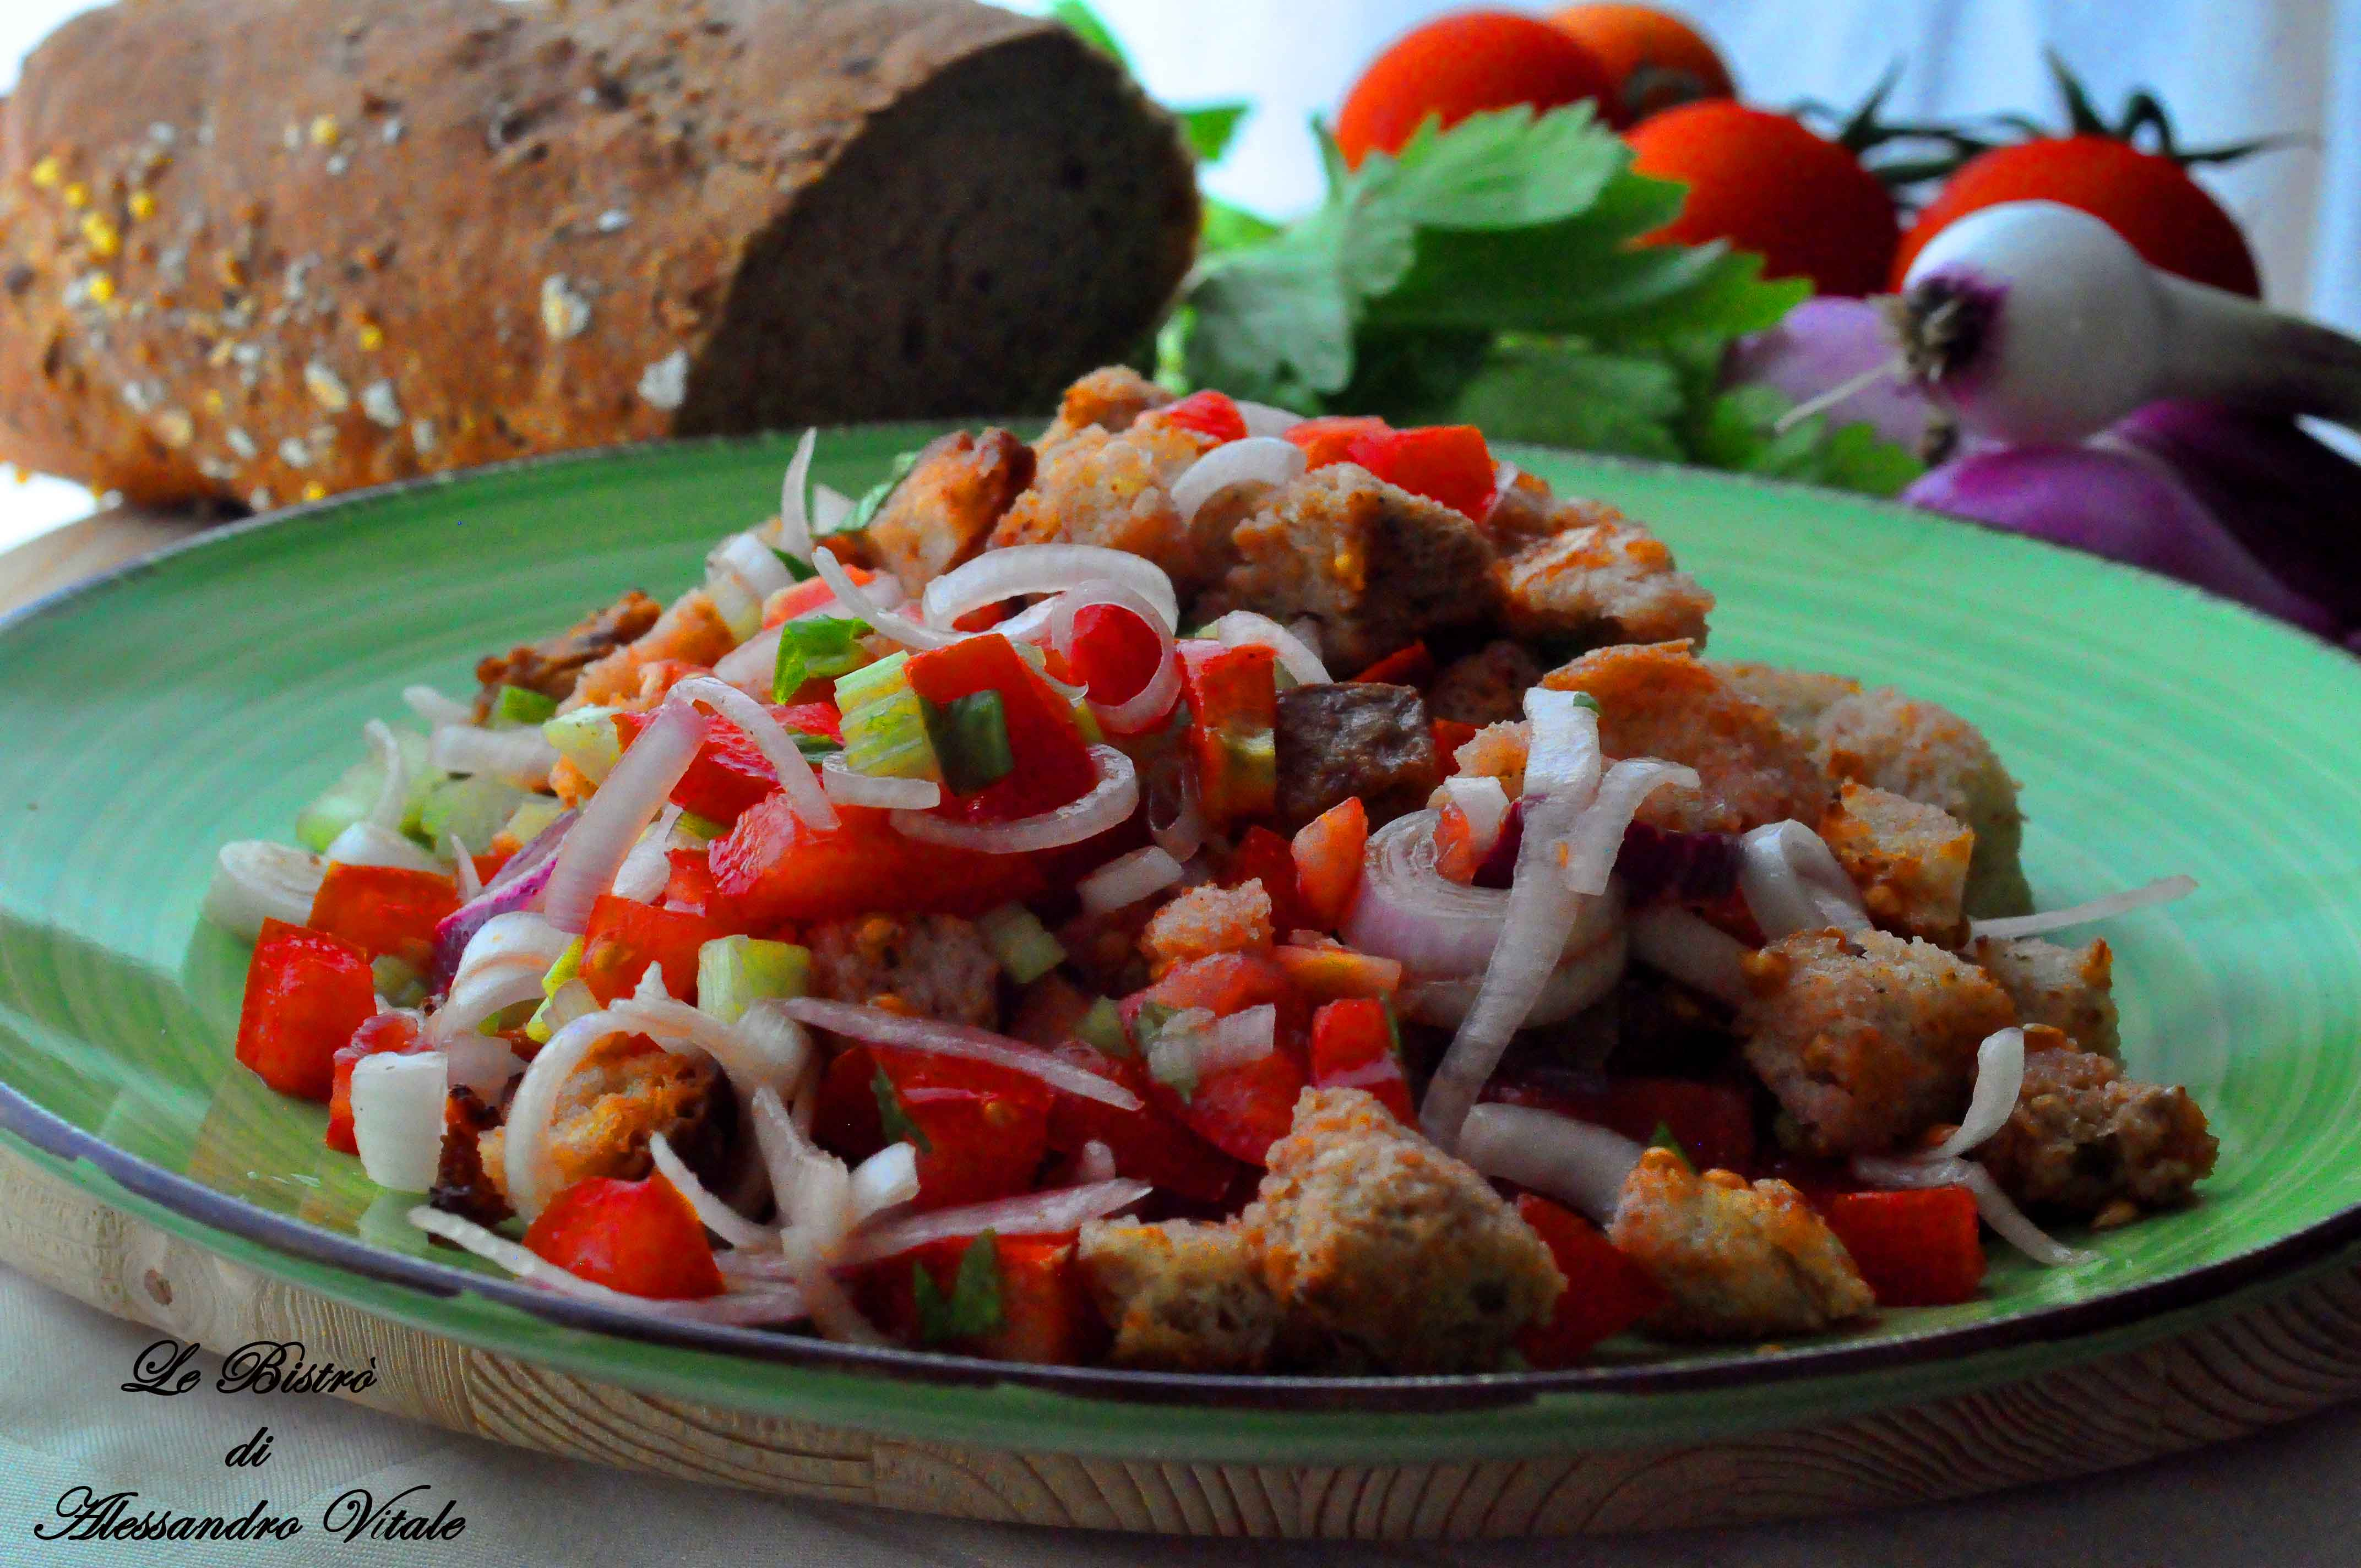 Panzanella recipes dishmaps Barefoot contessa panzanella